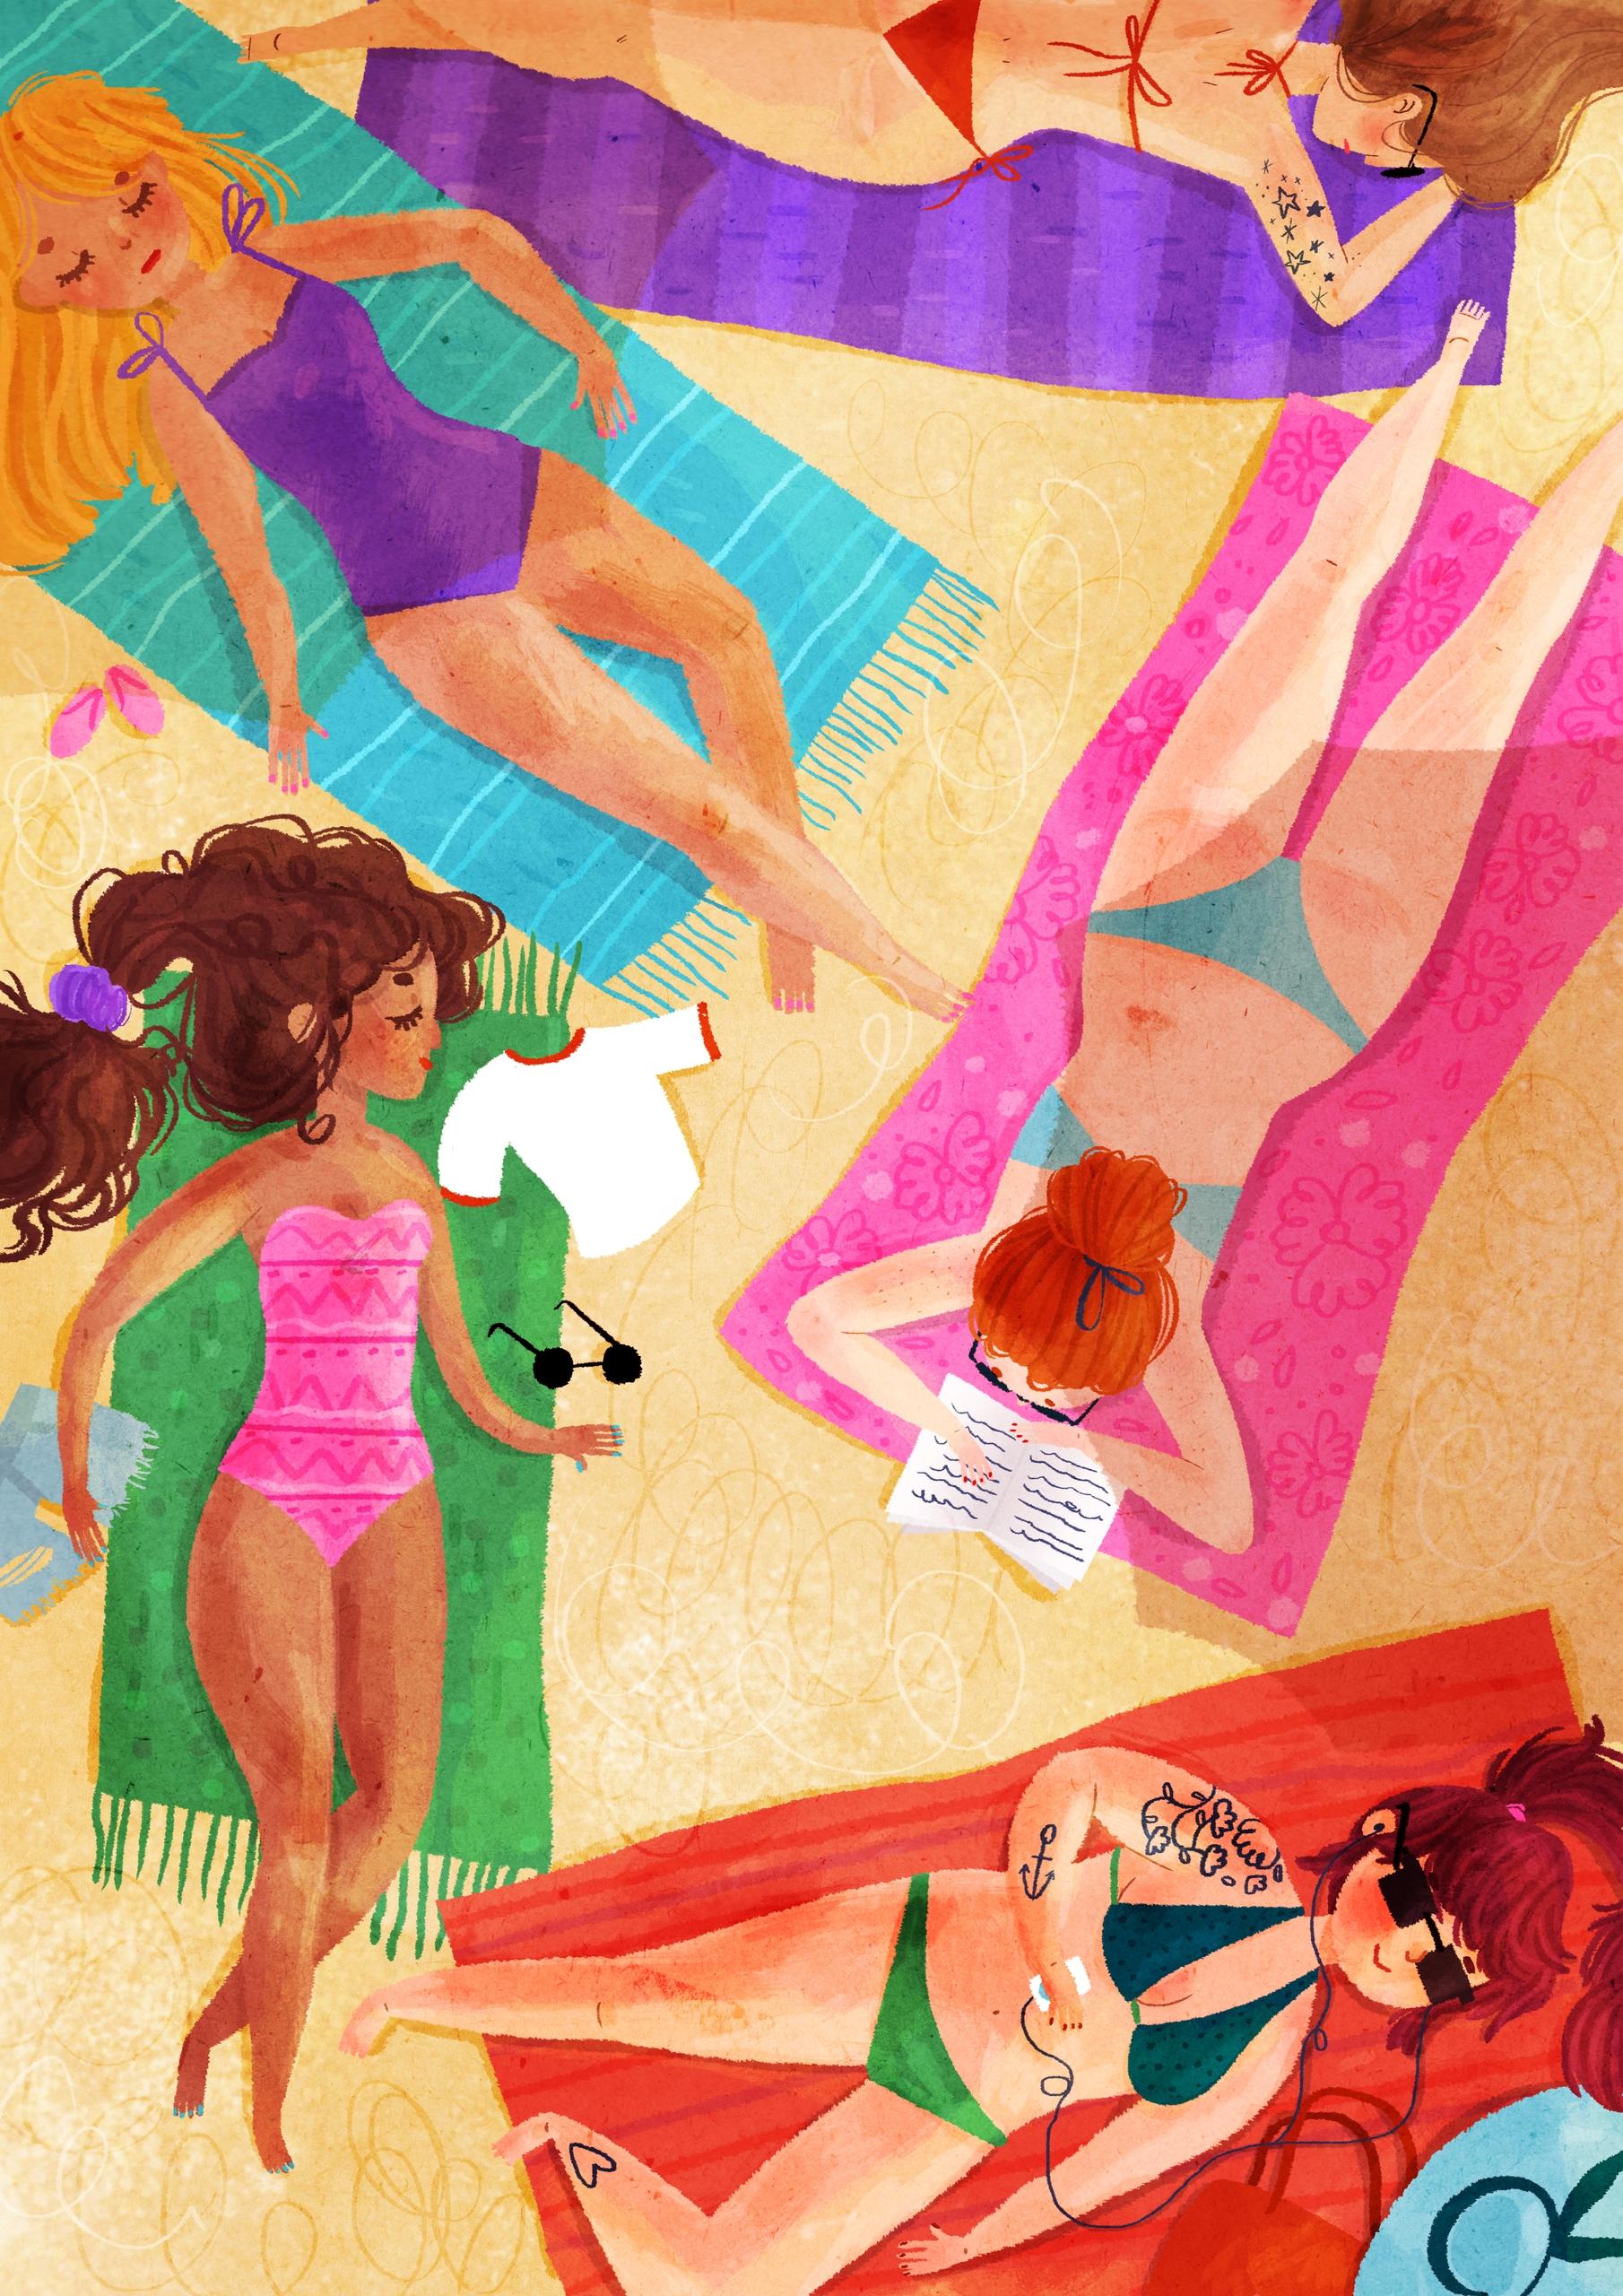 Brasileiras - brazil, beach, illustration - imnot12 | ello